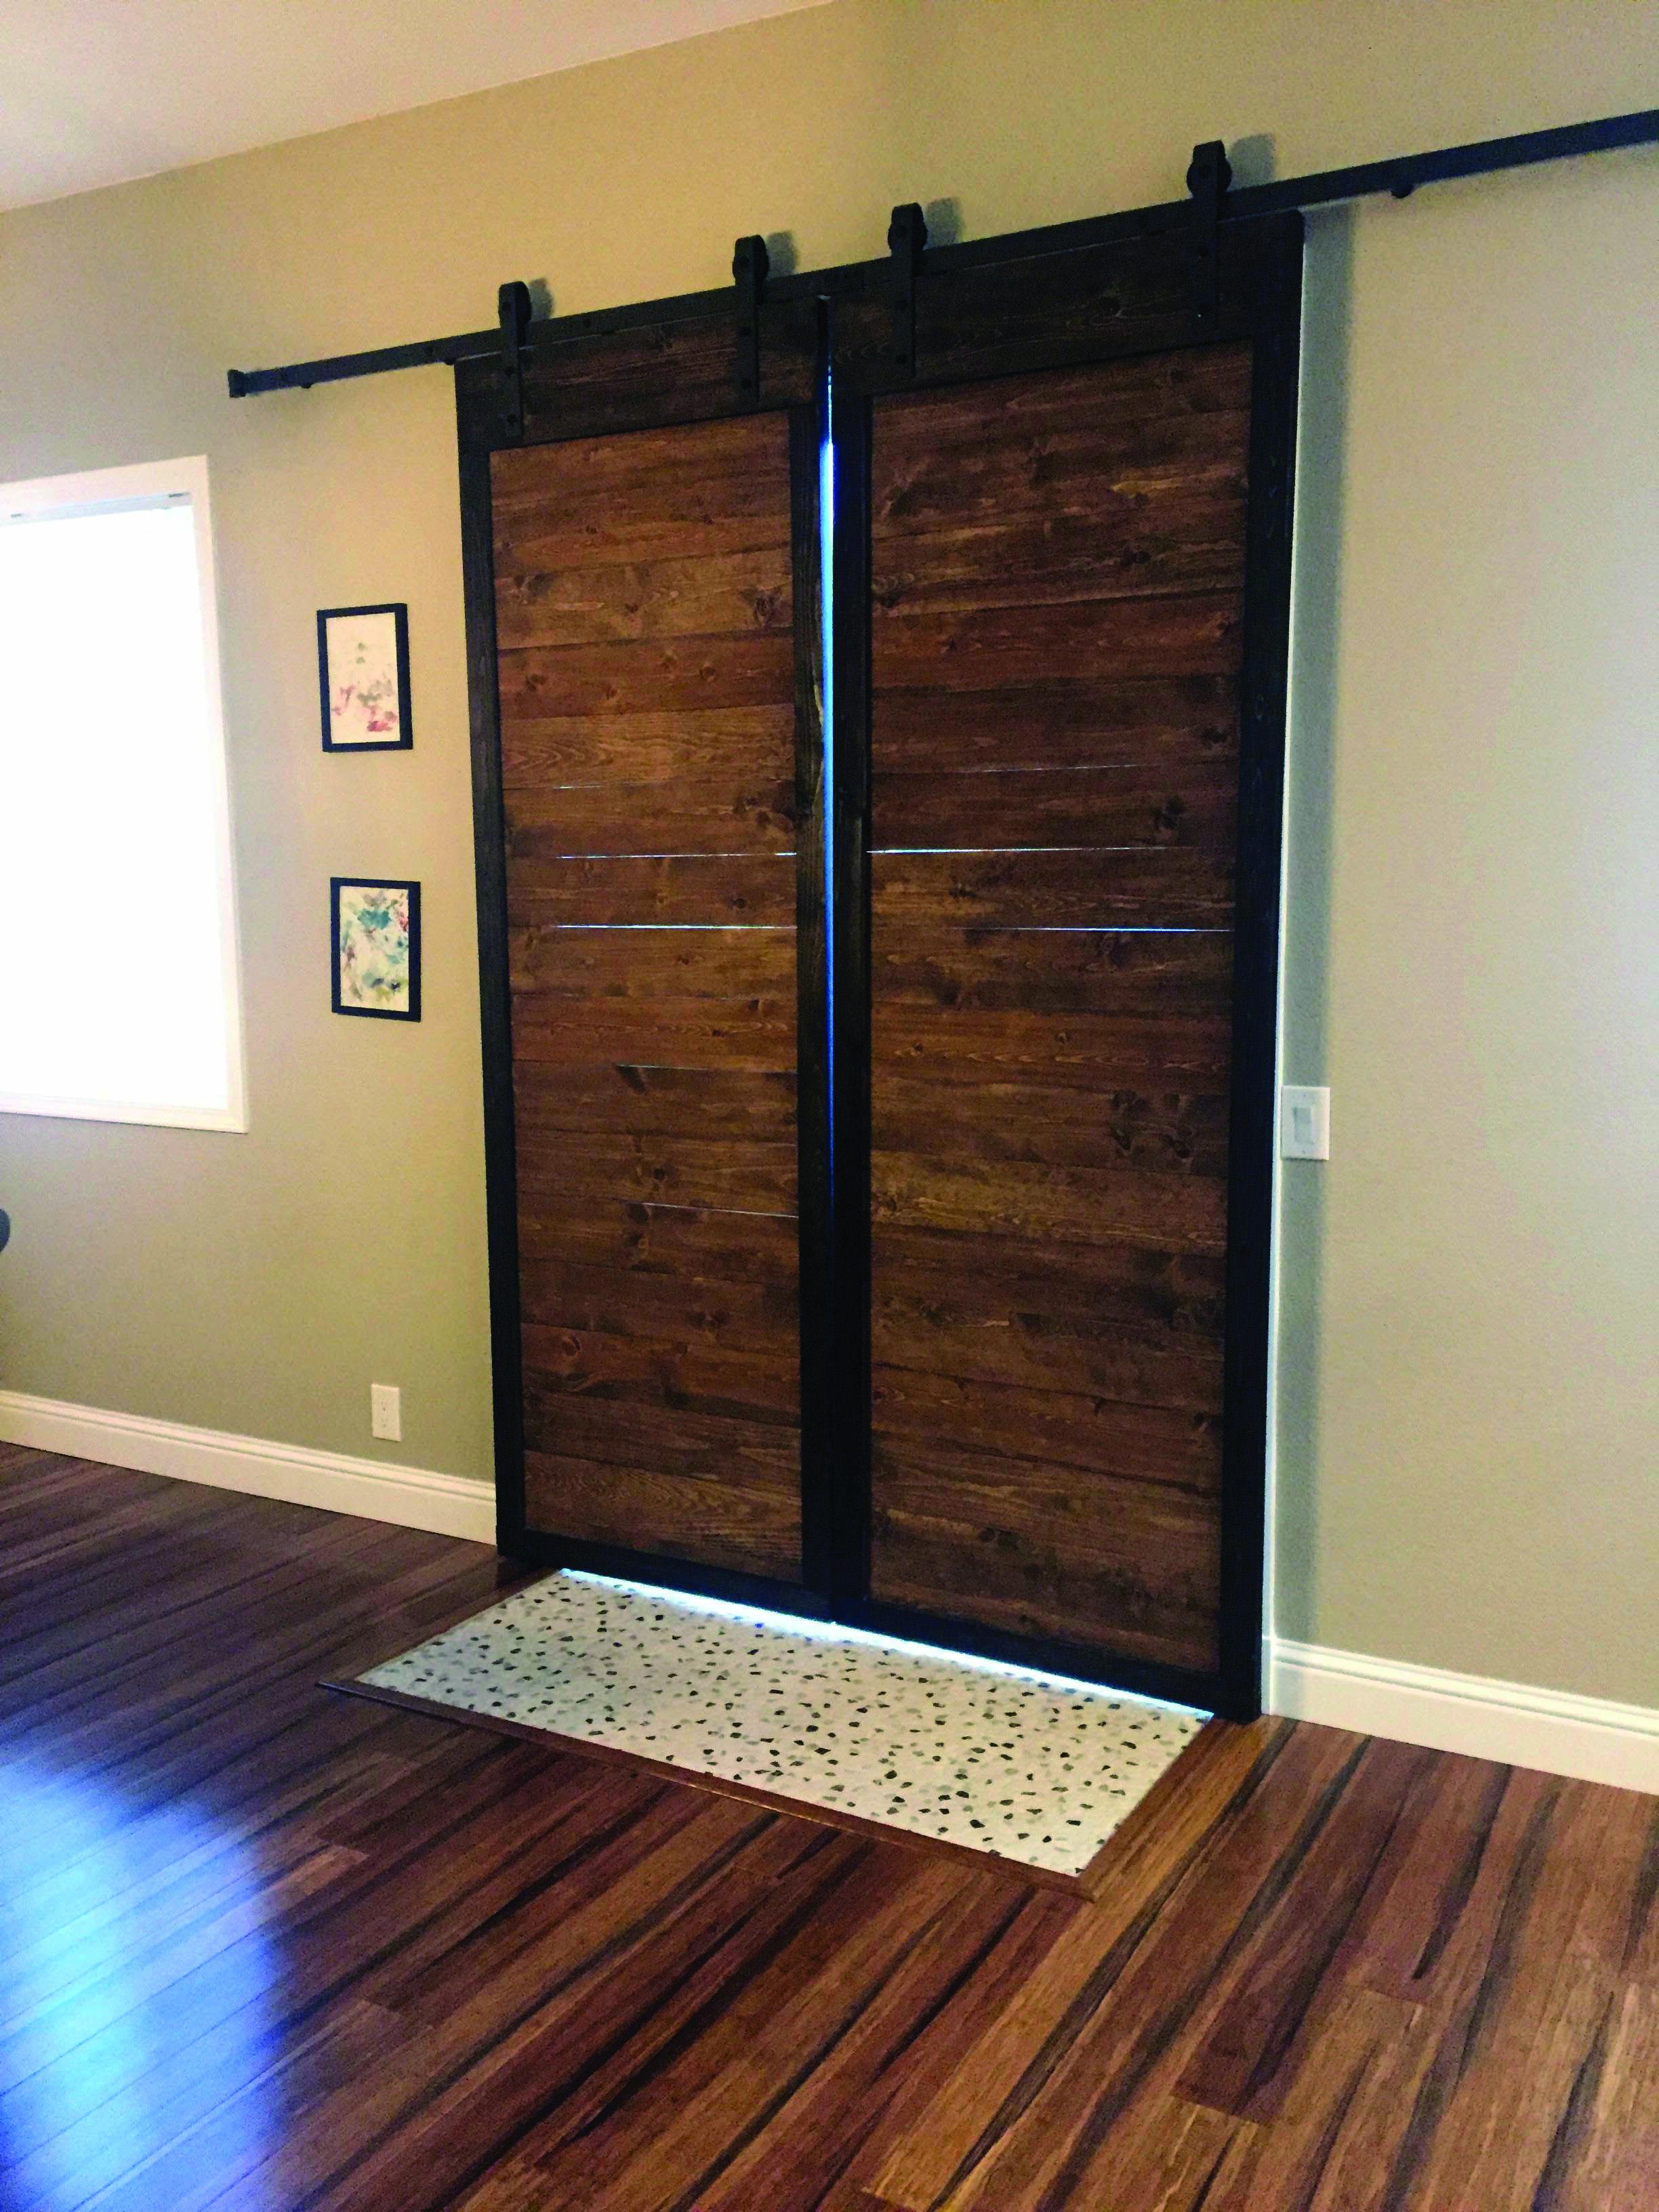 Moving Door Styles For Bedroom Homes Tre Sliding Glass Door Window Sliding Glass Door Window Treatments Door Coverings